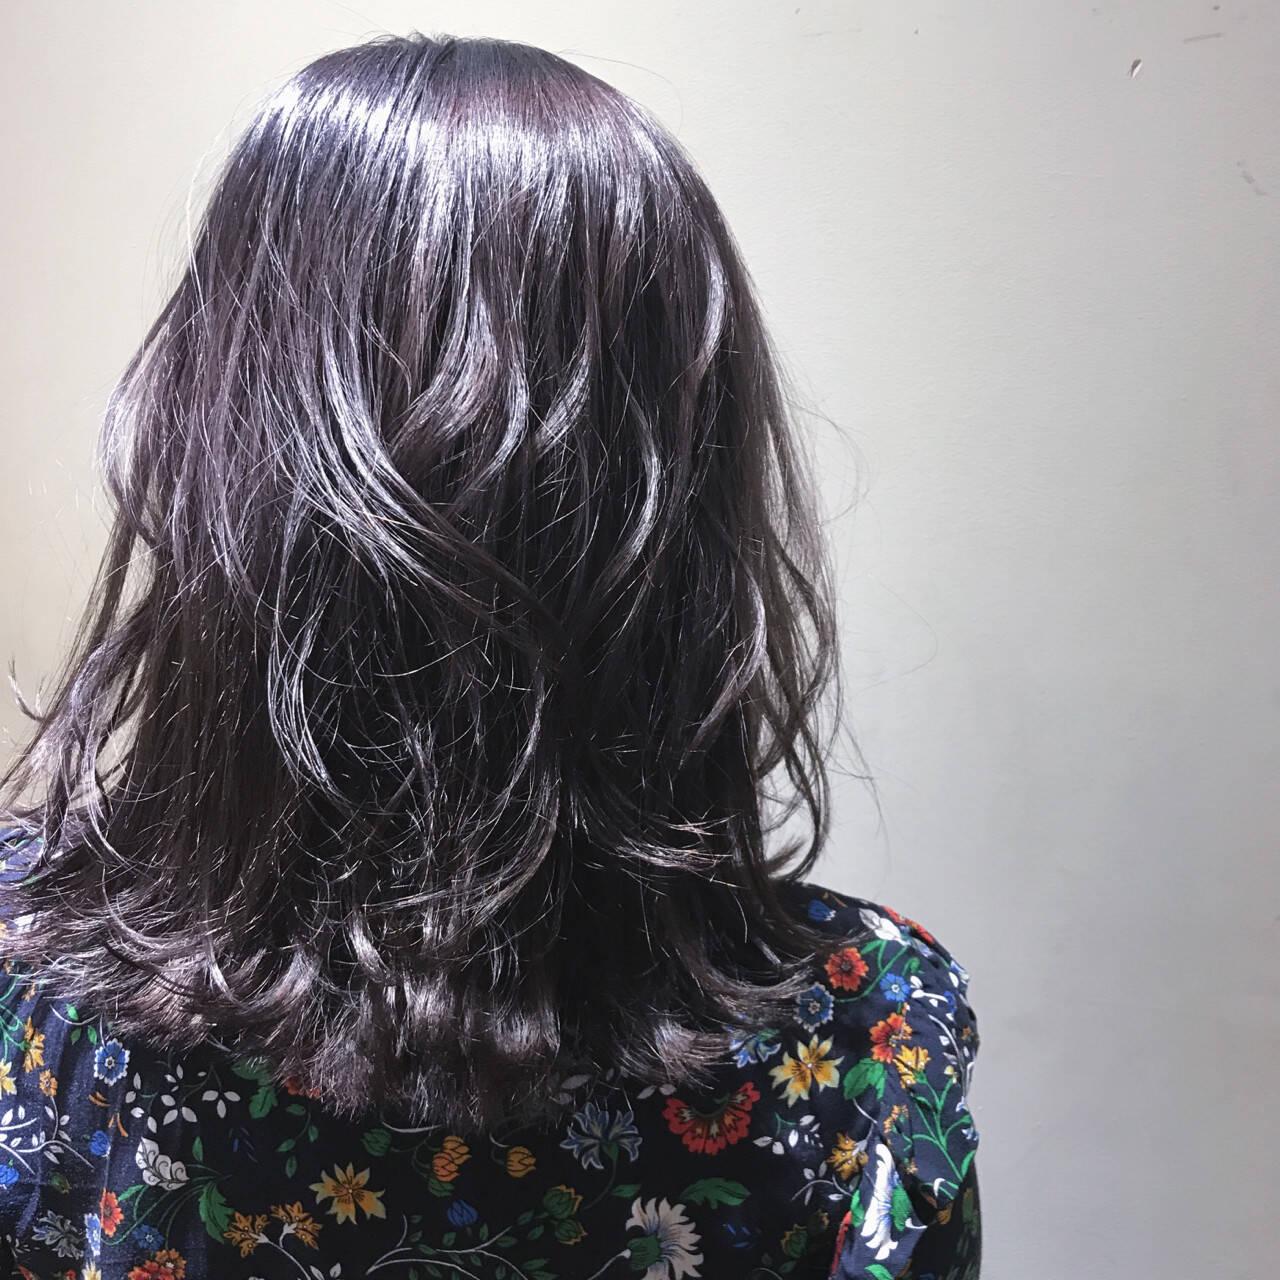 パープル ボブ ガーリー ミディアムヘアスタイルや髪型の写真・画像